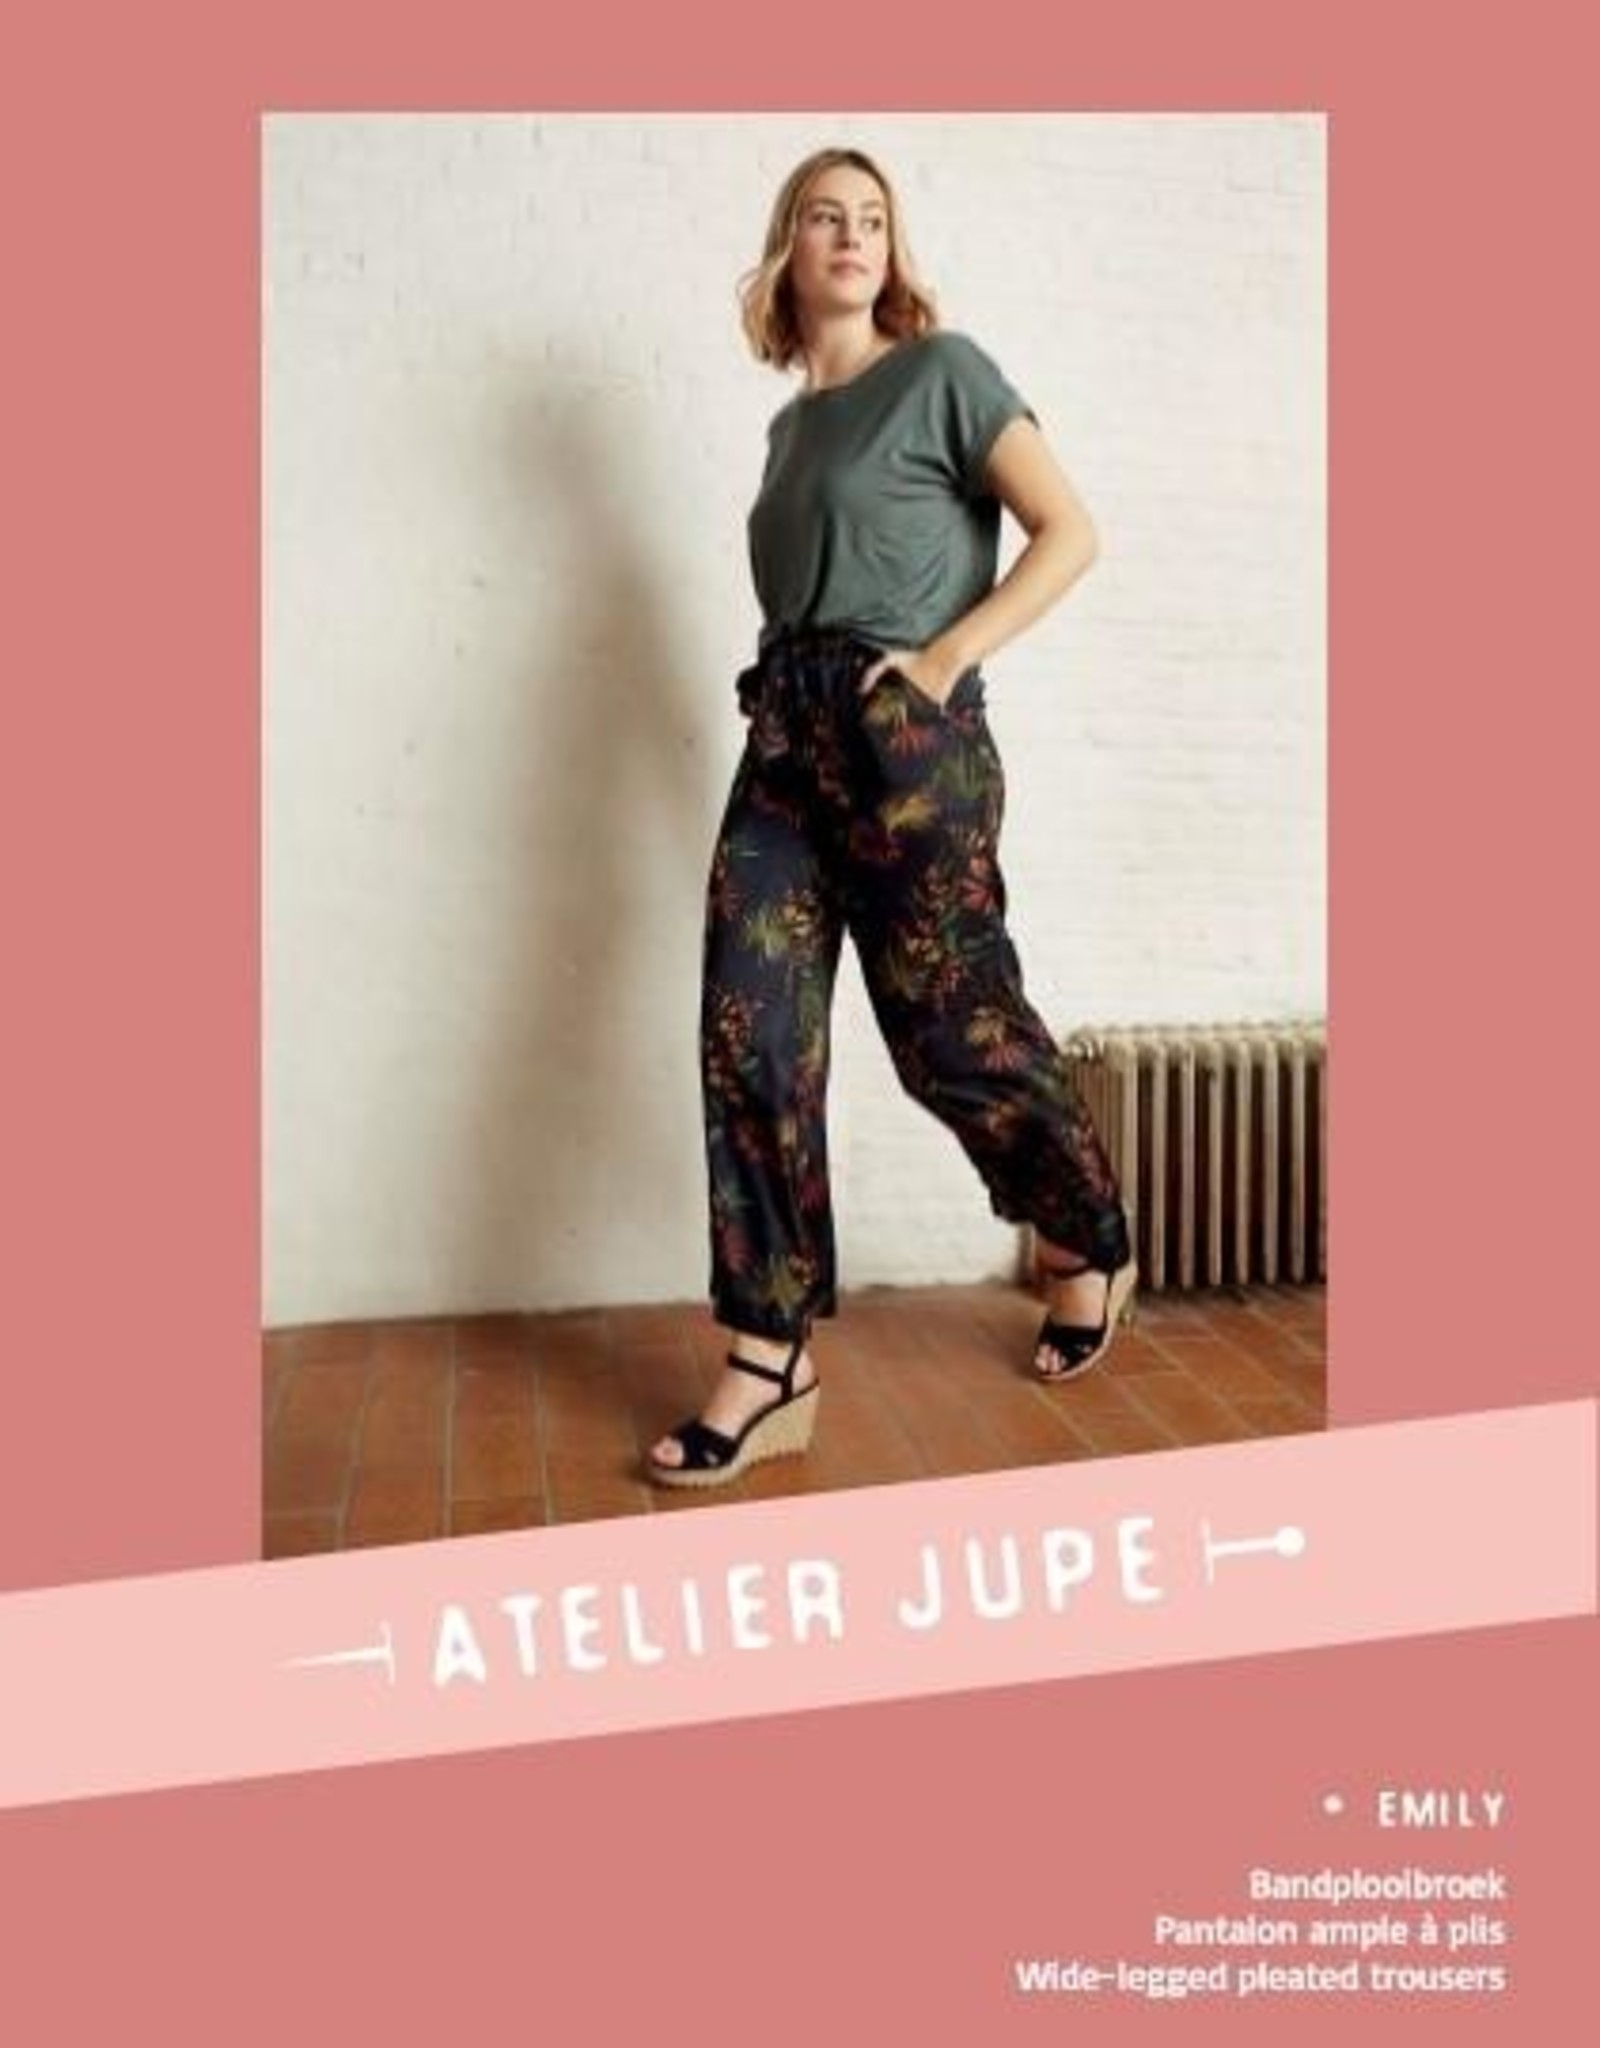 Emily broek - Atelier Jupe